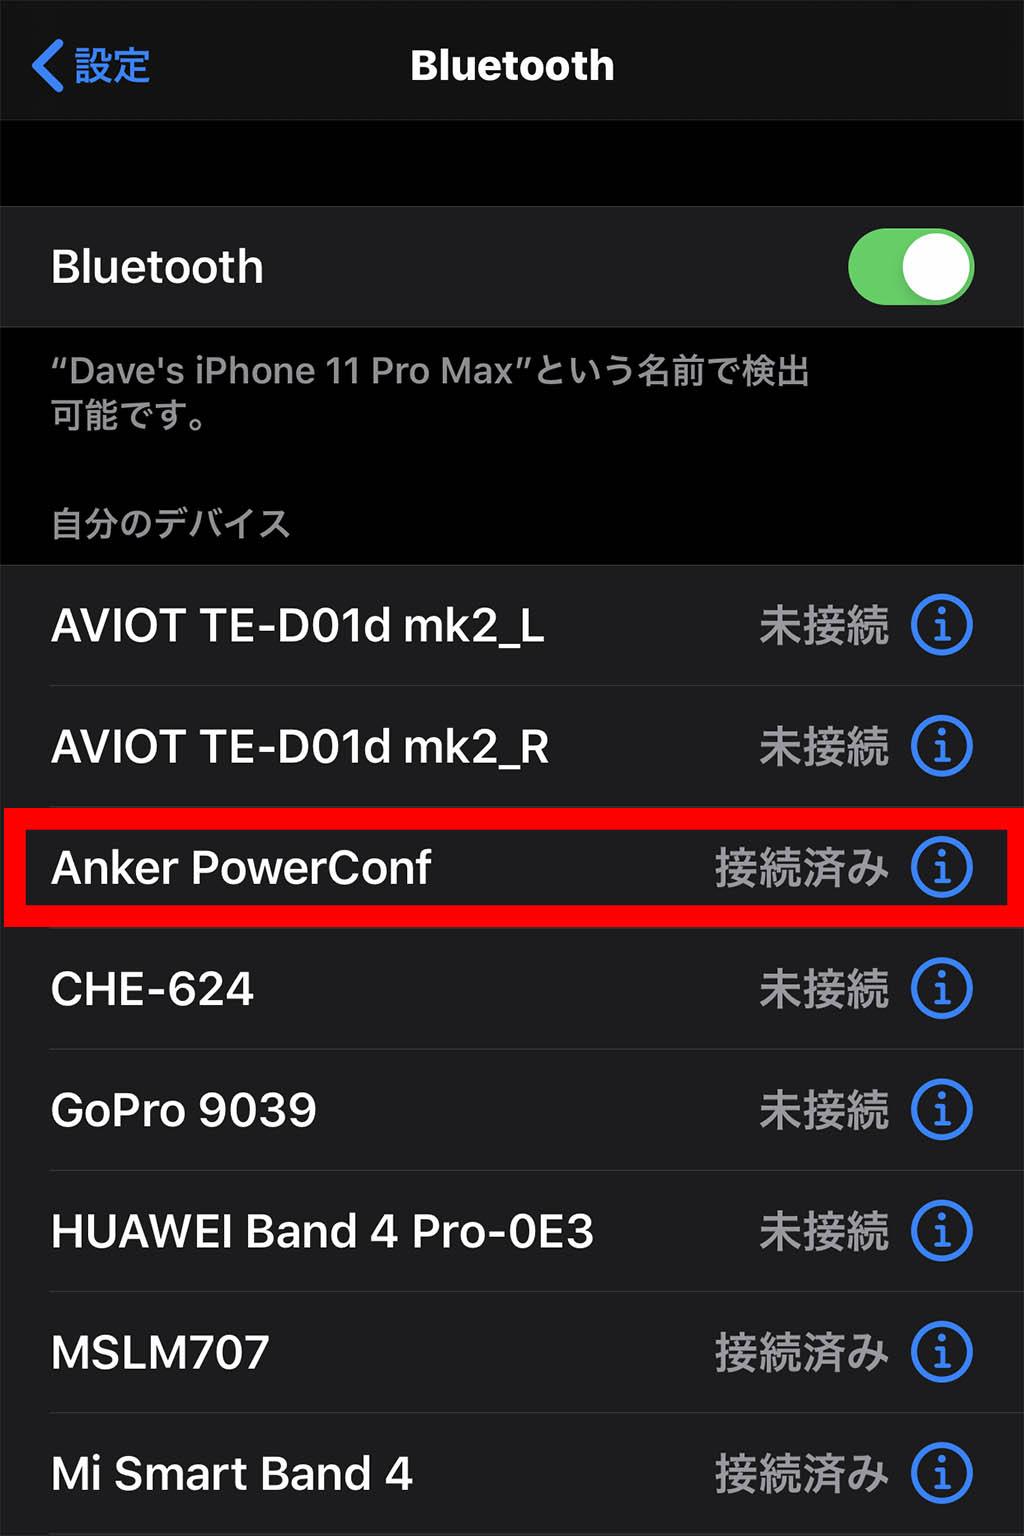 Anker PowerConf接続方法:スマホ